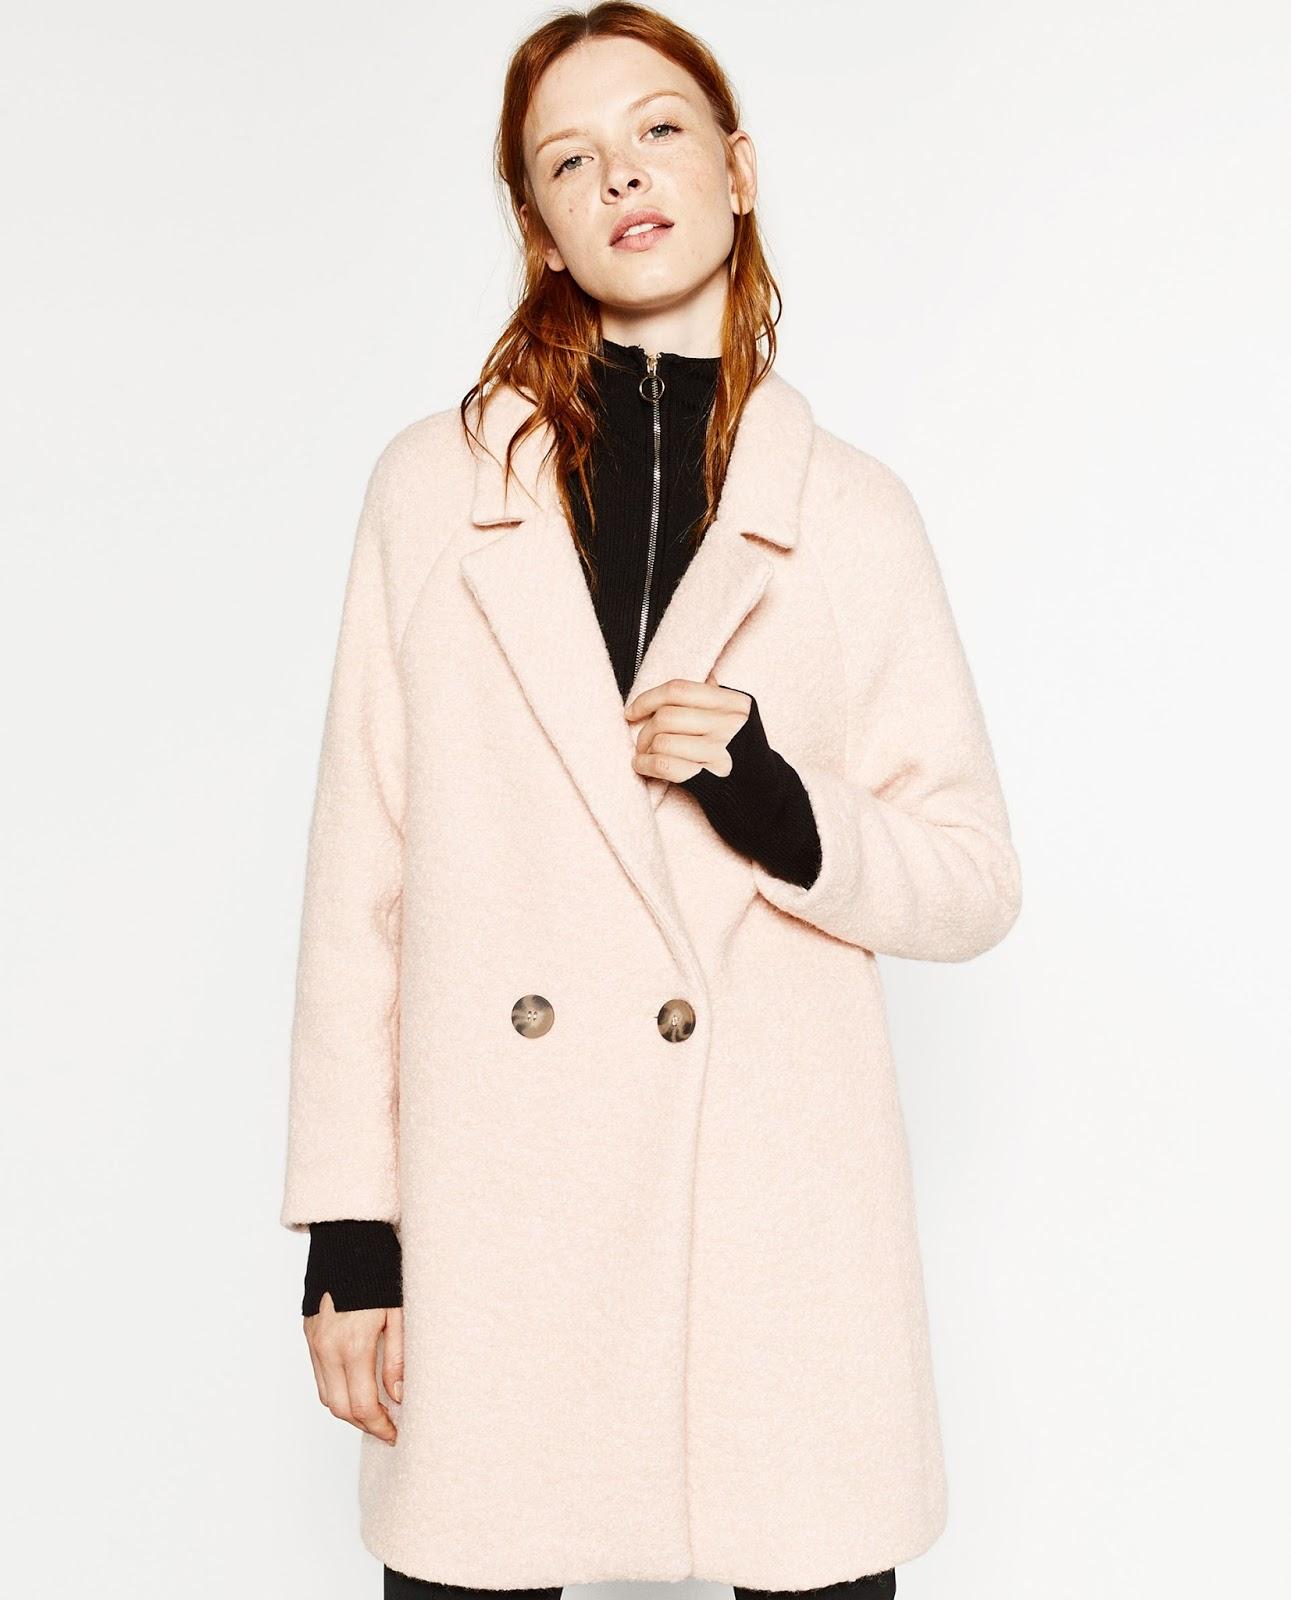 Zara blush coat